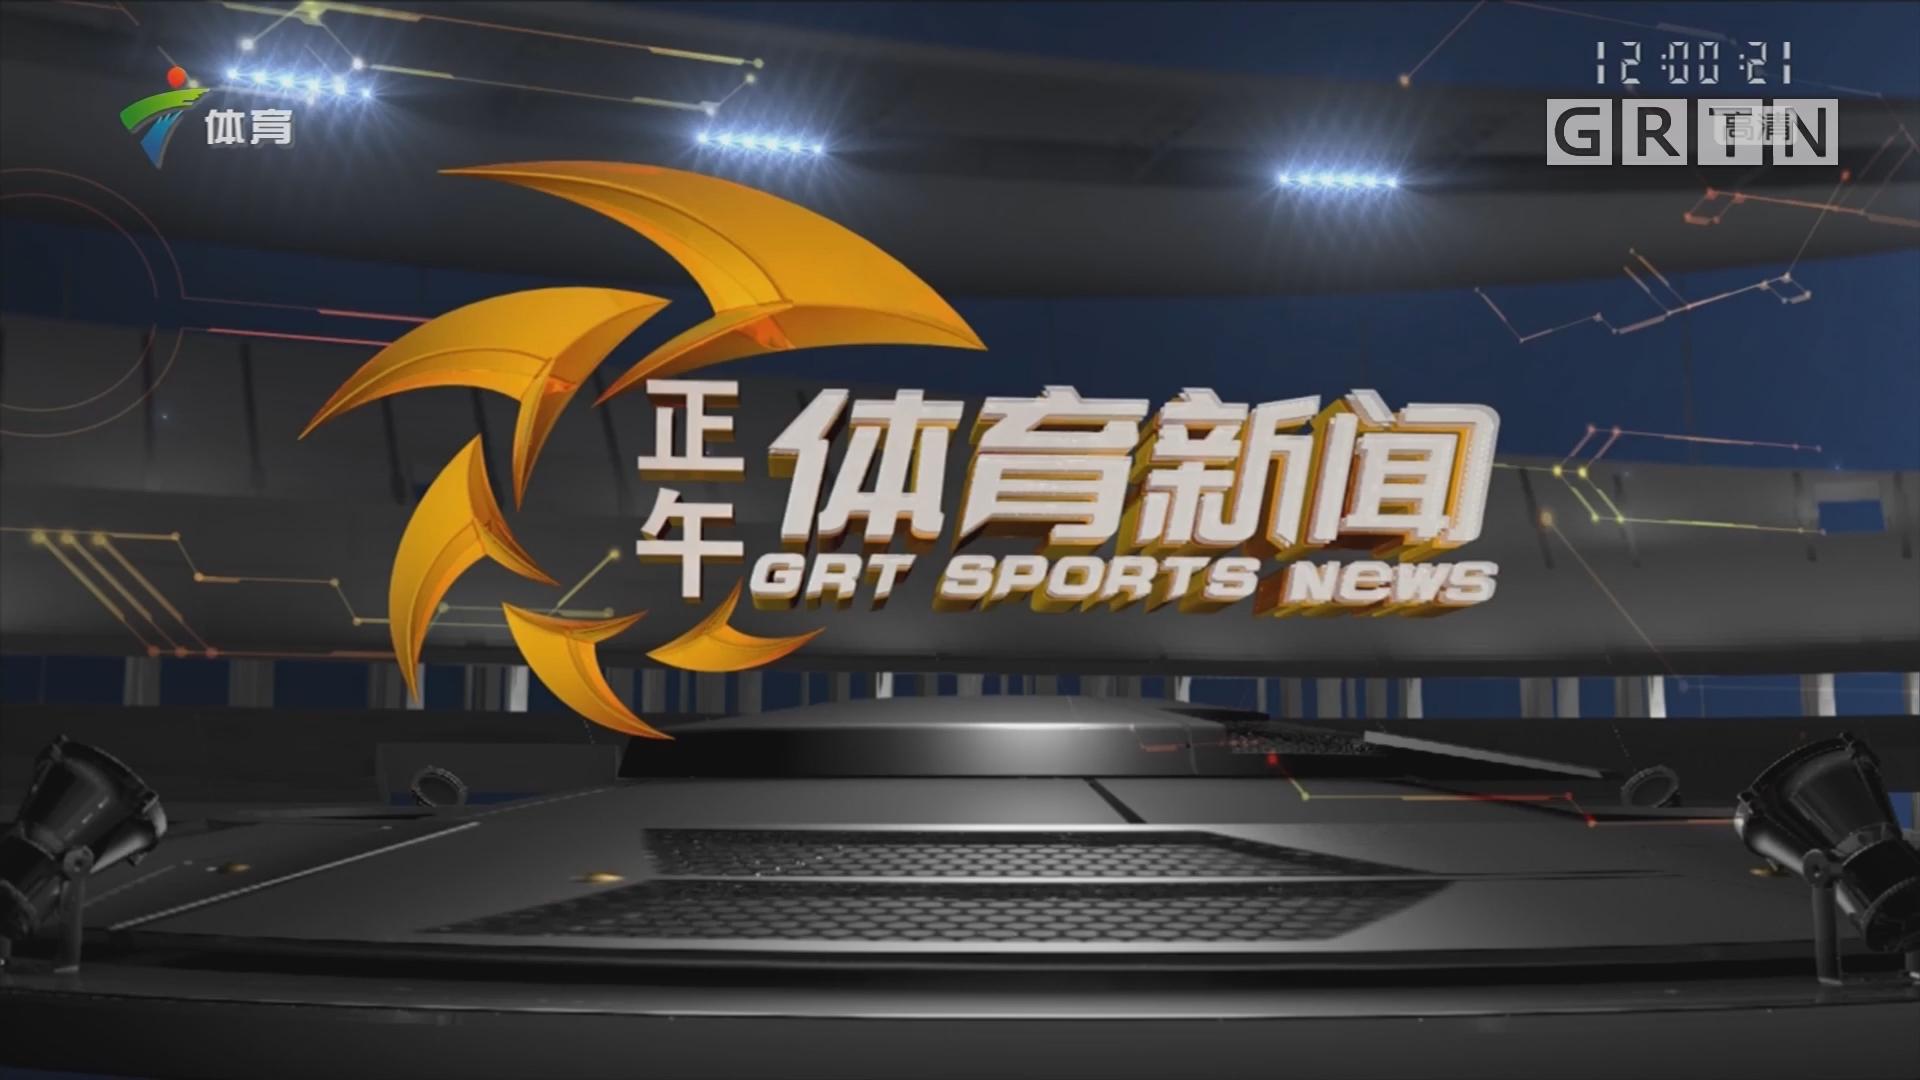 [HD][2018-08-06]正午体育新闻:德比大战逆转取胜 广州恒大喜获联赛四连胜